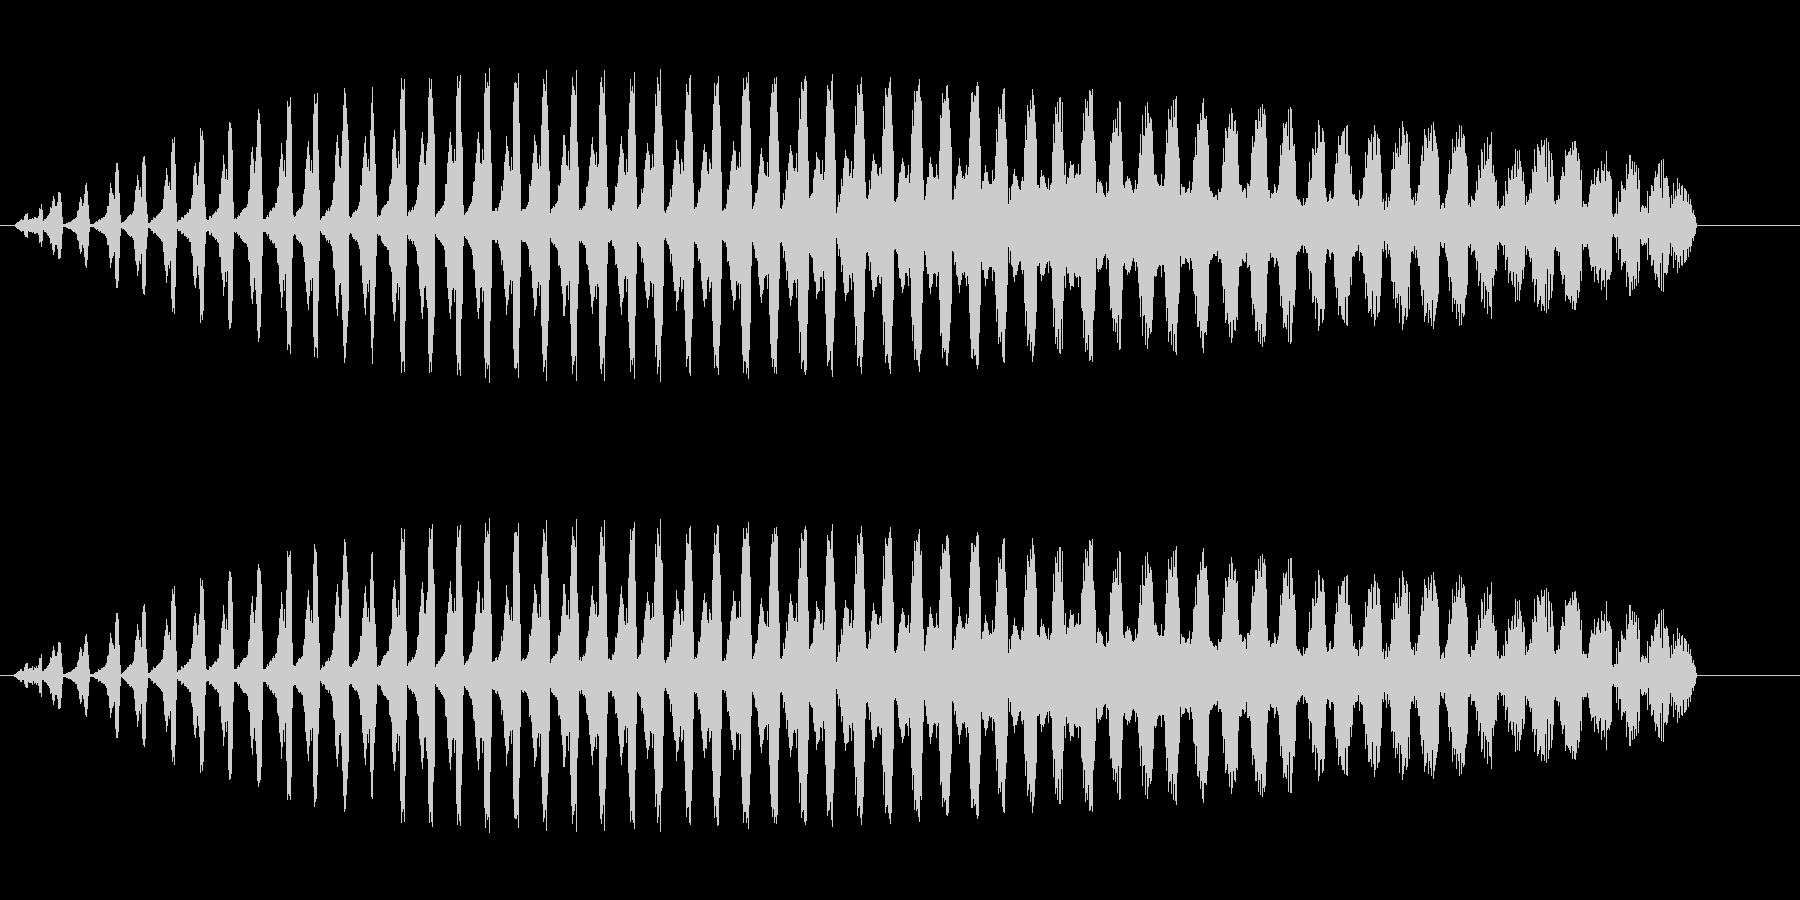 シャララ系ダウン(マリンバ)2の未再生の波形